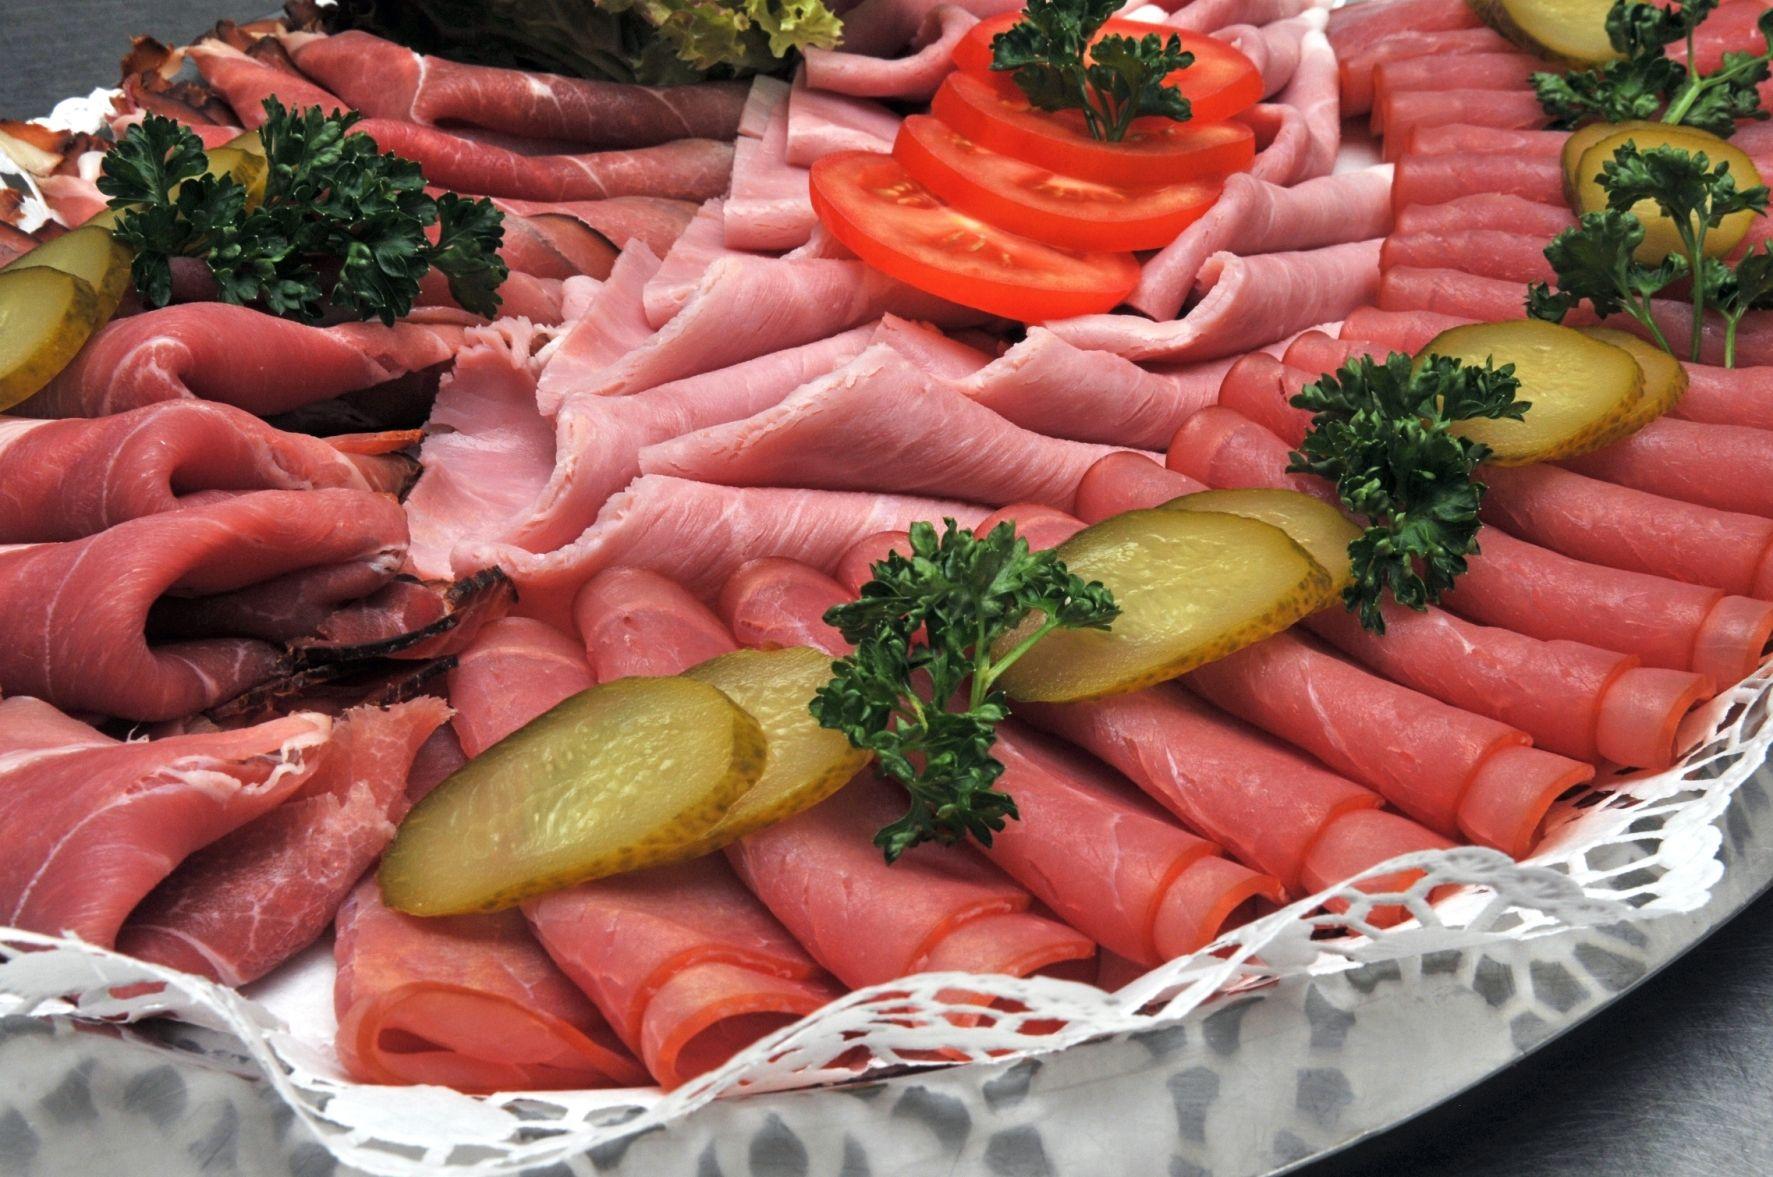 Cât de periculoase sunt alimentele procesate